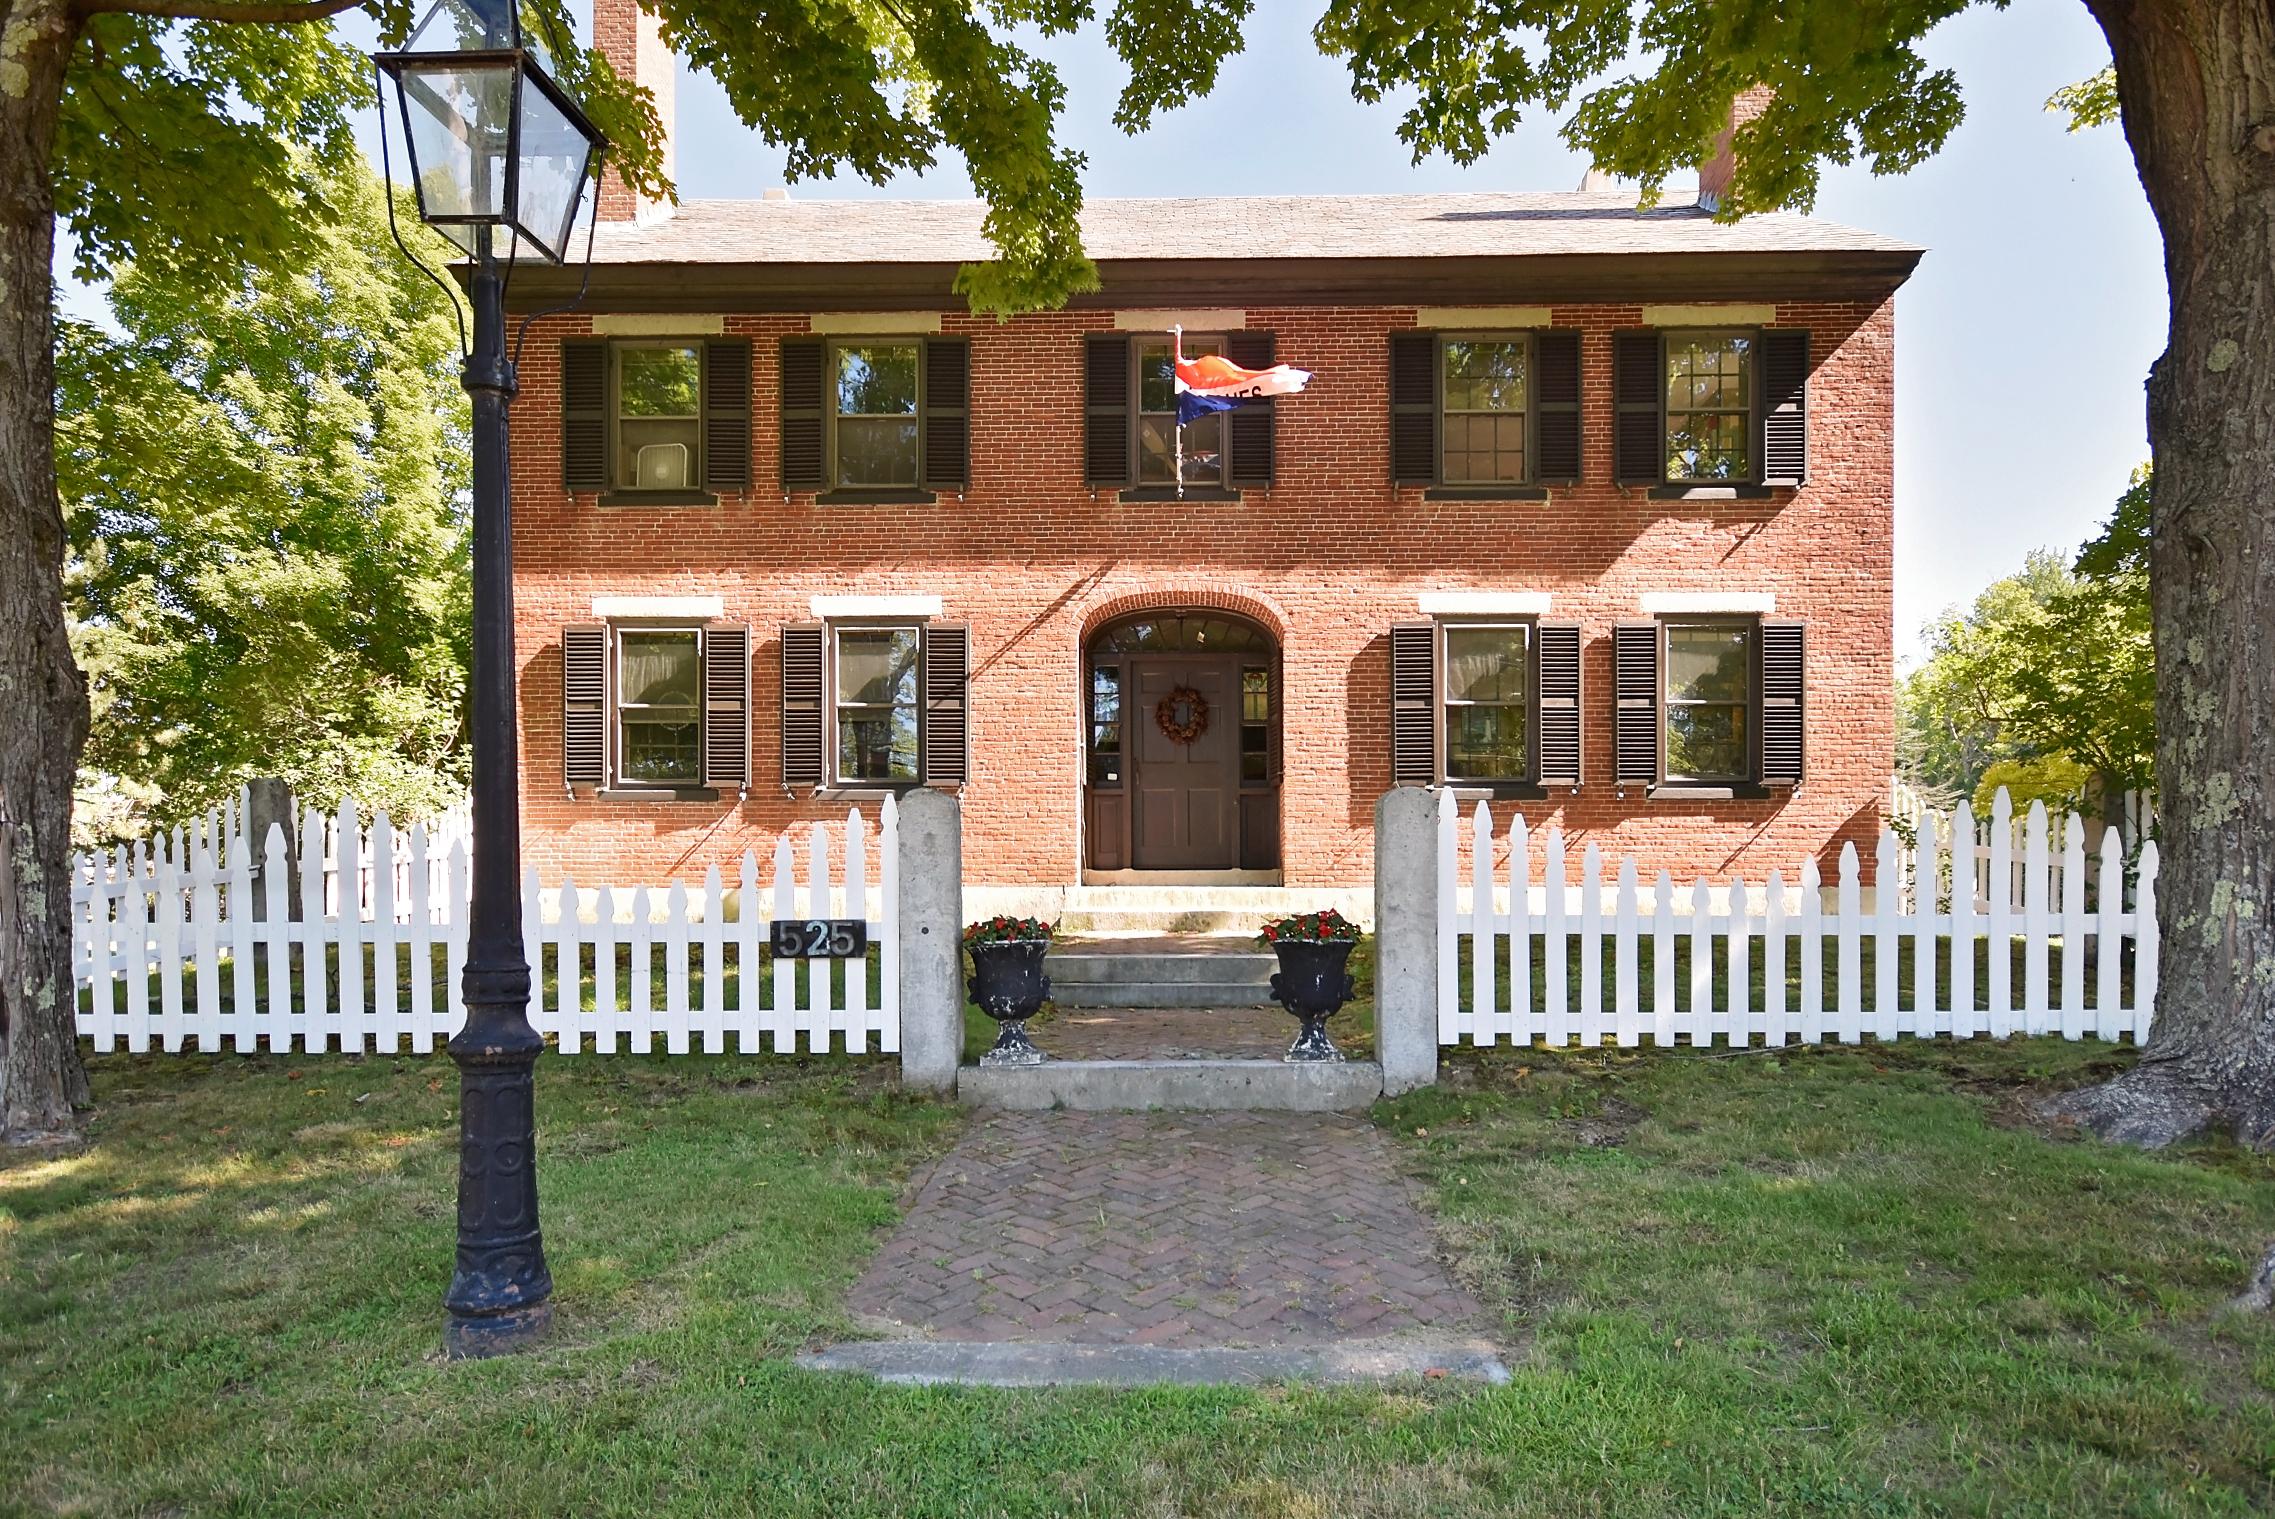 Maison unifamiliale pour l Vente à 525 Province Road, Gilmanton 525 Province Rd Gilmanton, New Hampshire, 03237 États-Unis